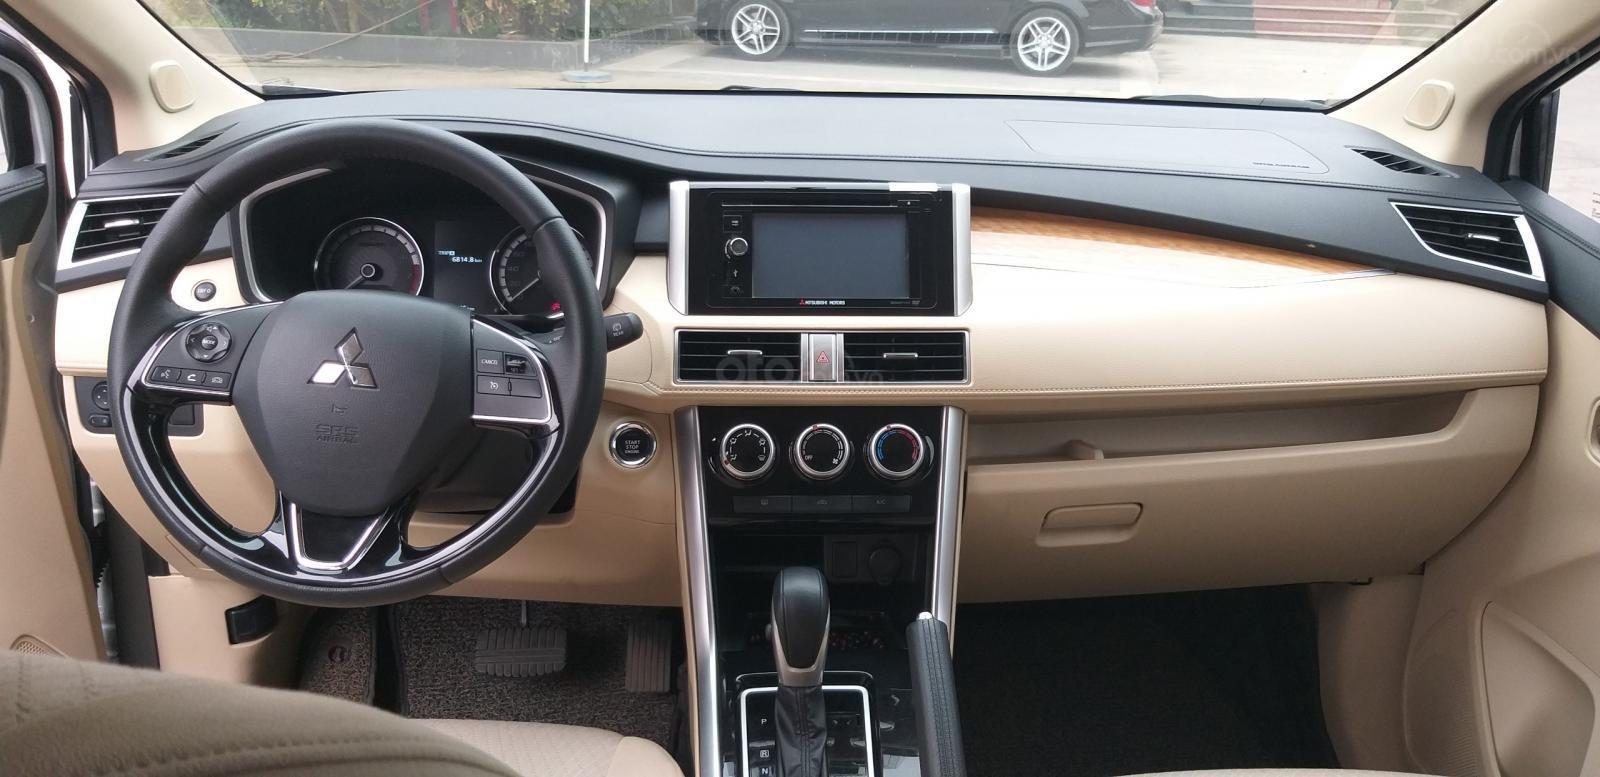 Bán xe Mitsubishi Xpander AT đời 2019, màu đen, xe nhập giá chuẩn-1